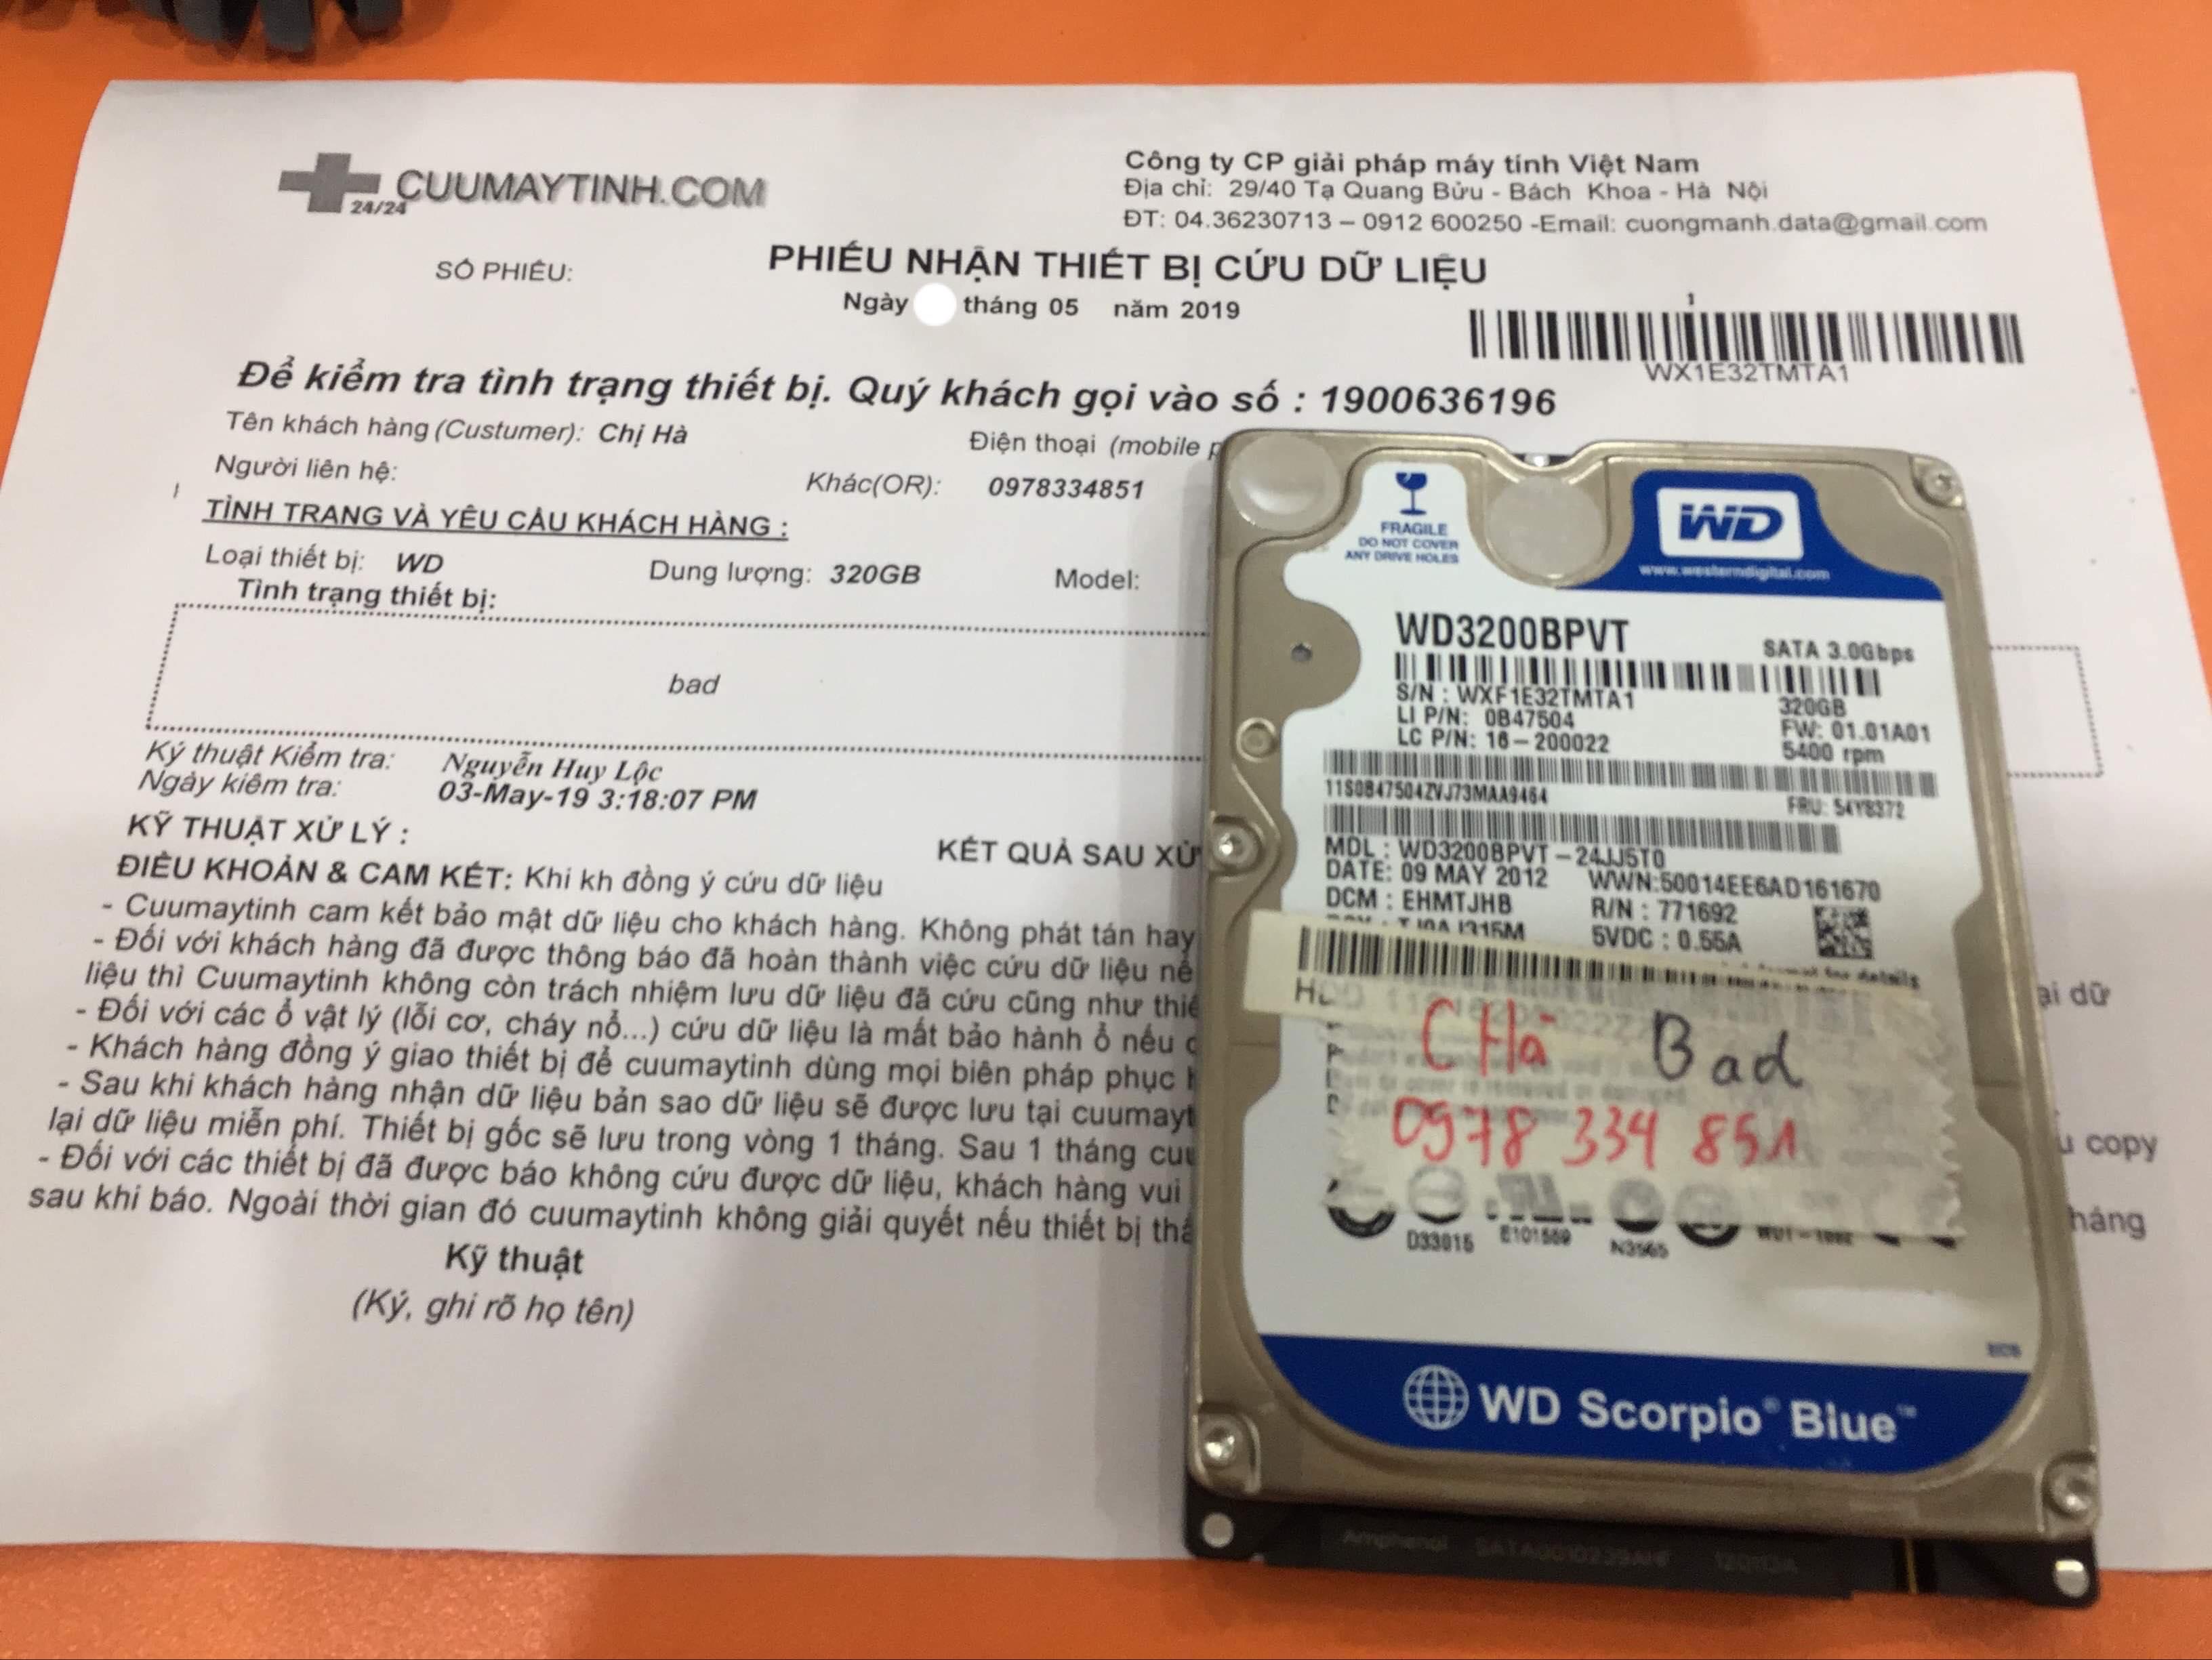 Khôi phục dữ liệu ổ cứng Western 320GB bad 07/05/2019 - cuumaytinh